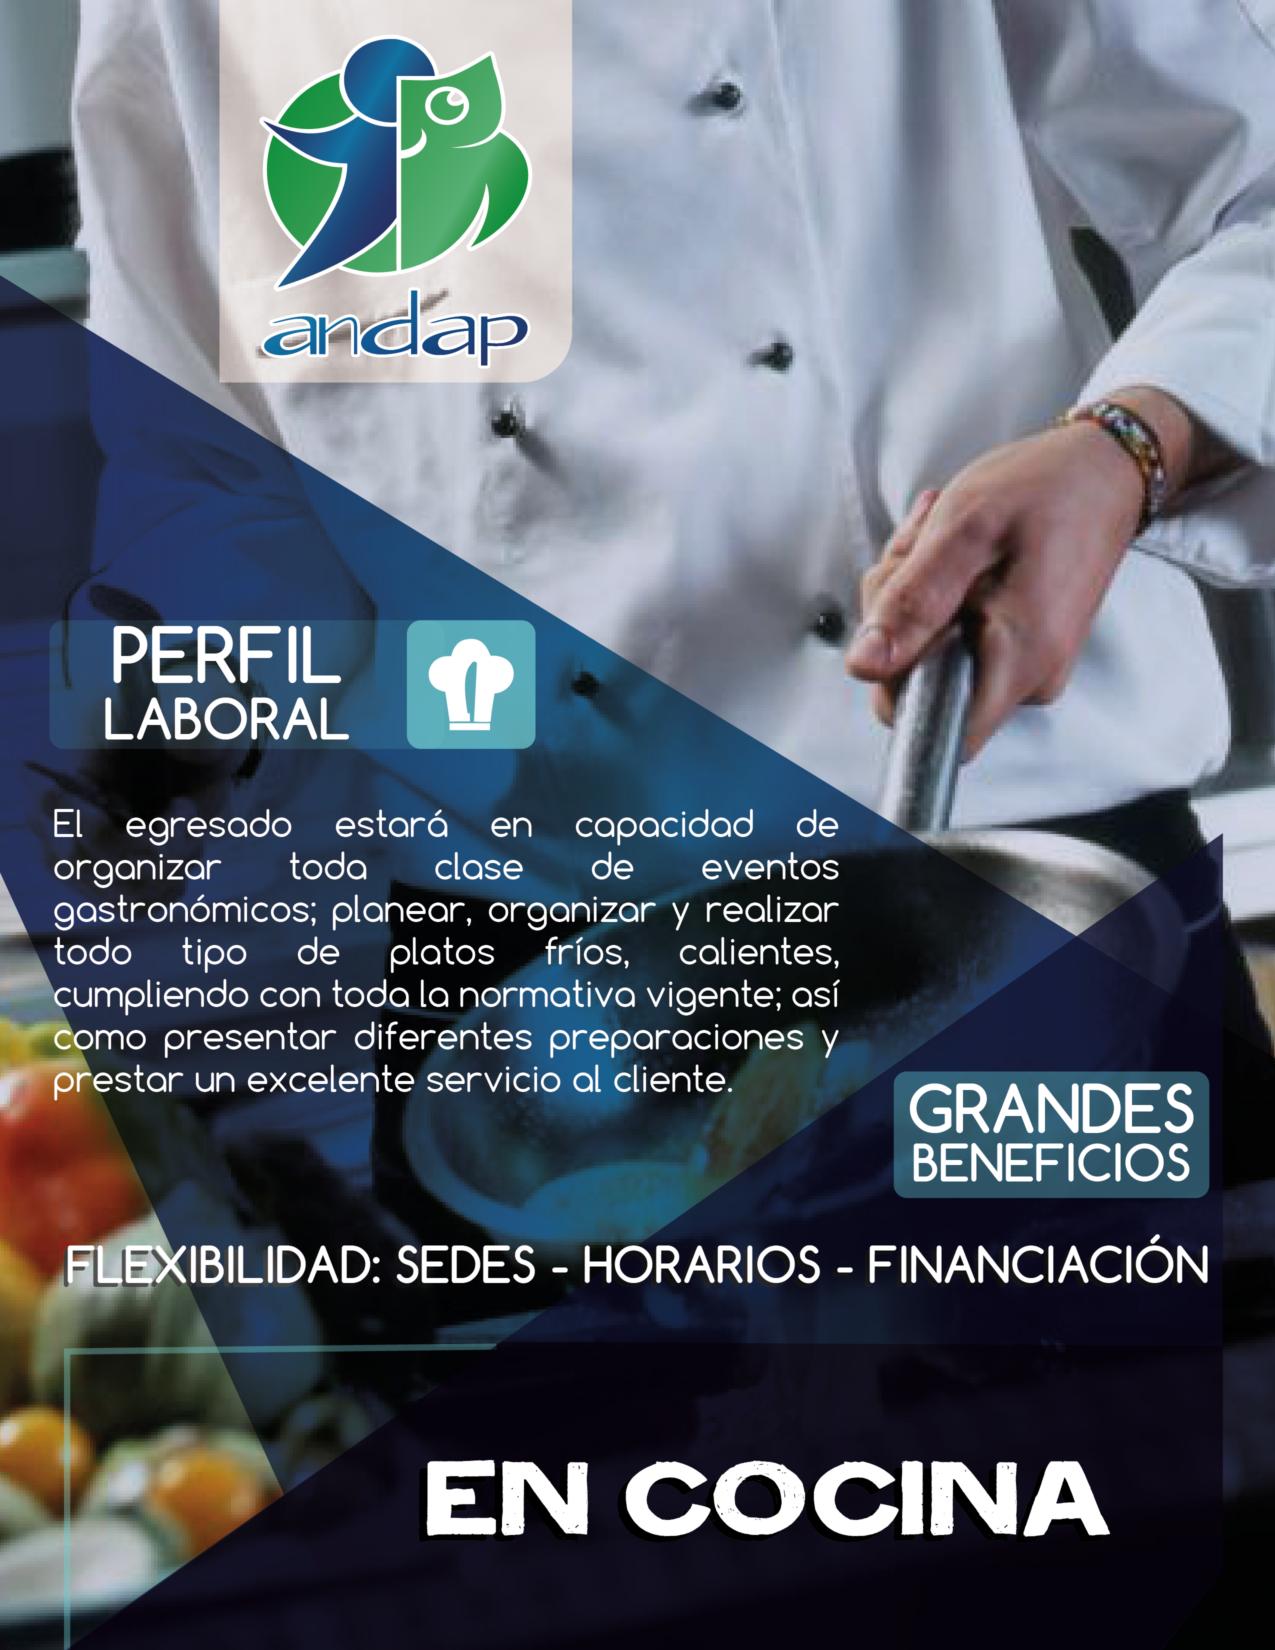 Auxiliar en Cocina Bogotá ANDAP